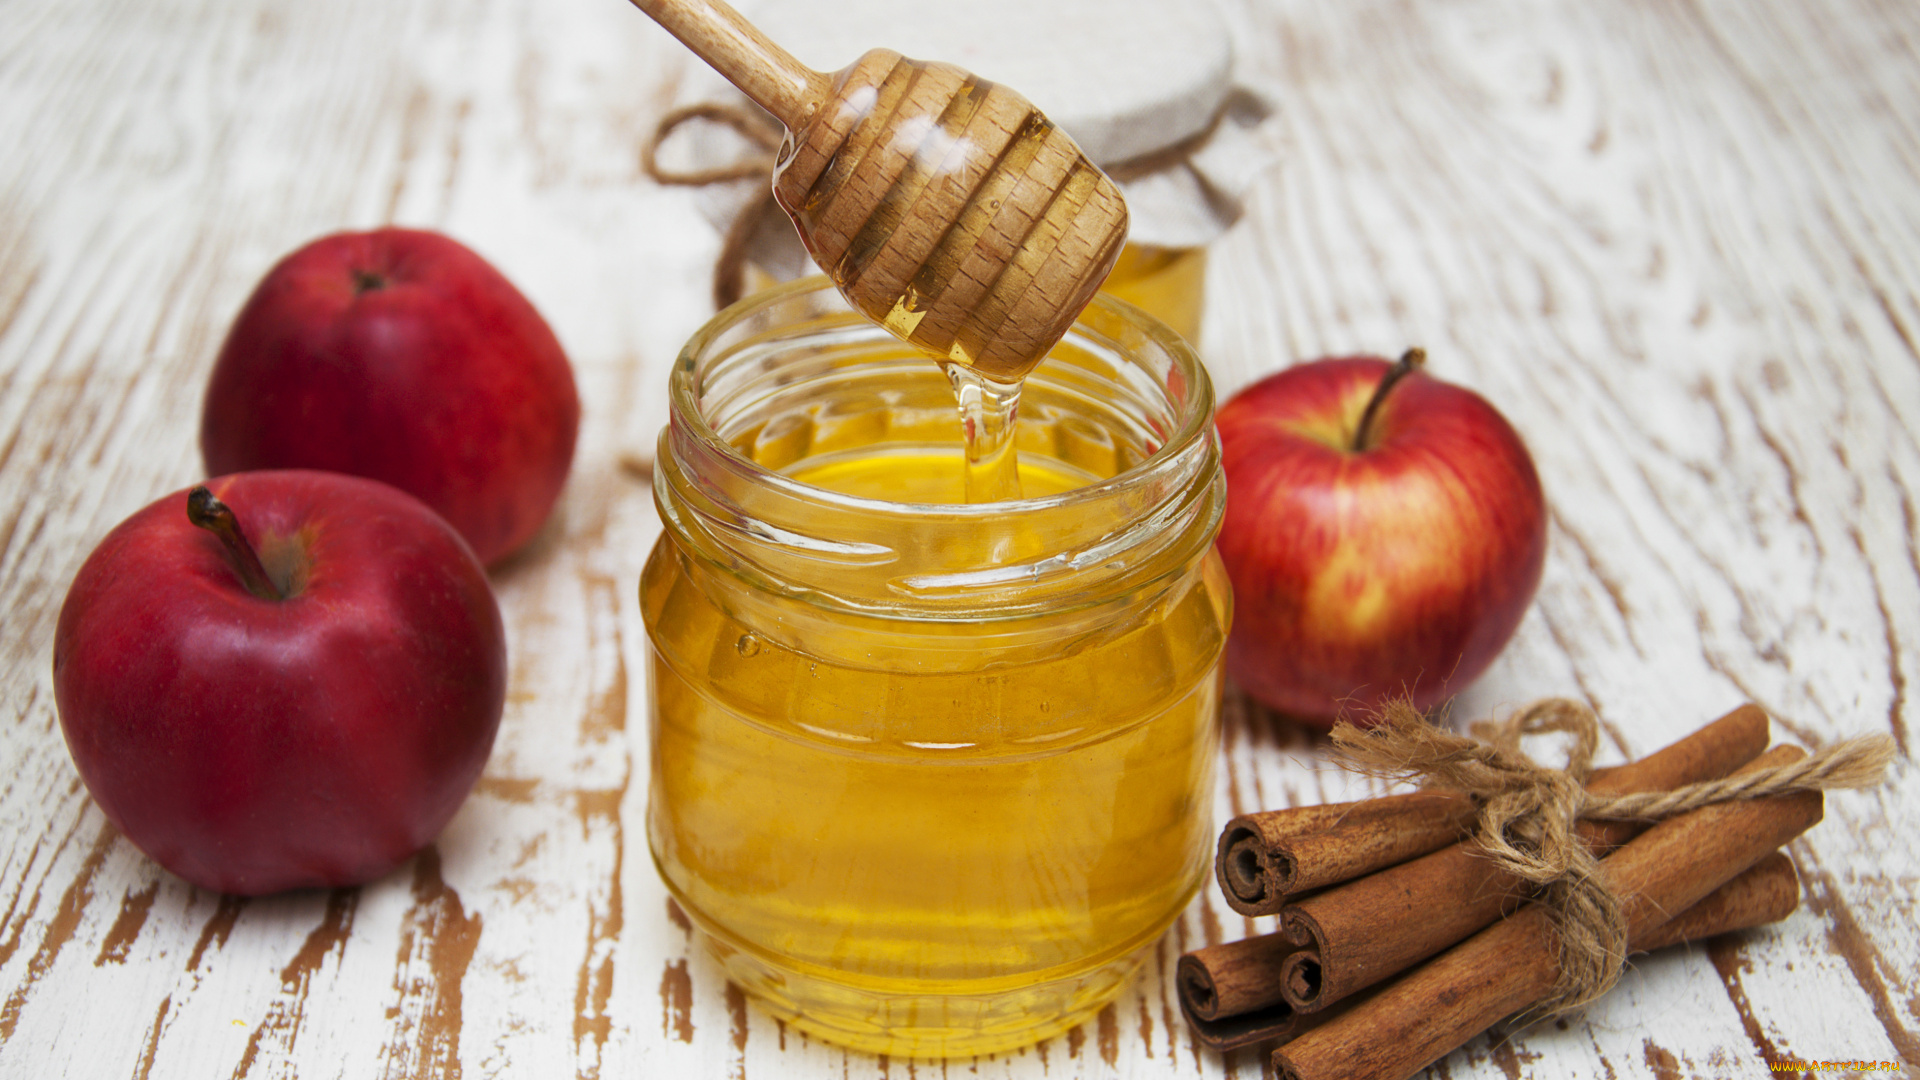 Медовый и яблочный спас картинки, аппетита